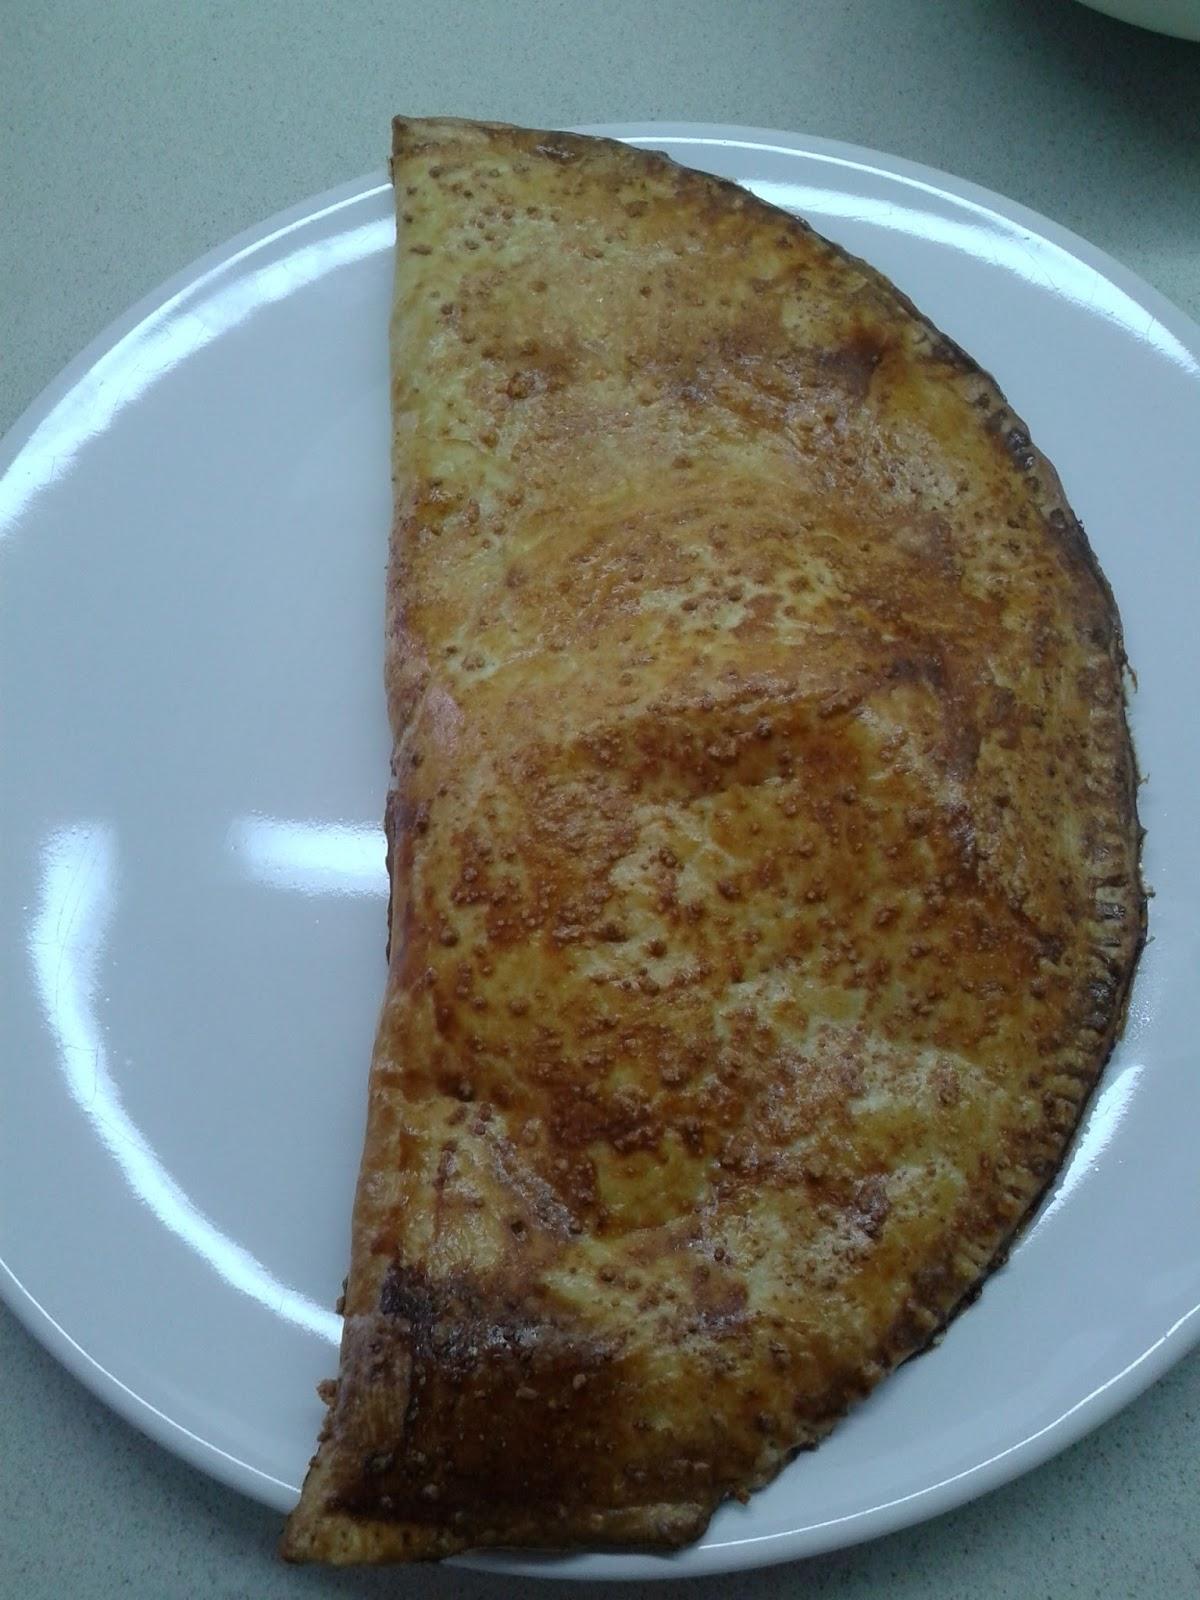 ¡haz-química-comestible-conmigo!-blog-recetas-fáciles-útiles-sencillas-para-princiantes-receta-empenada-casera-de-york-y queso